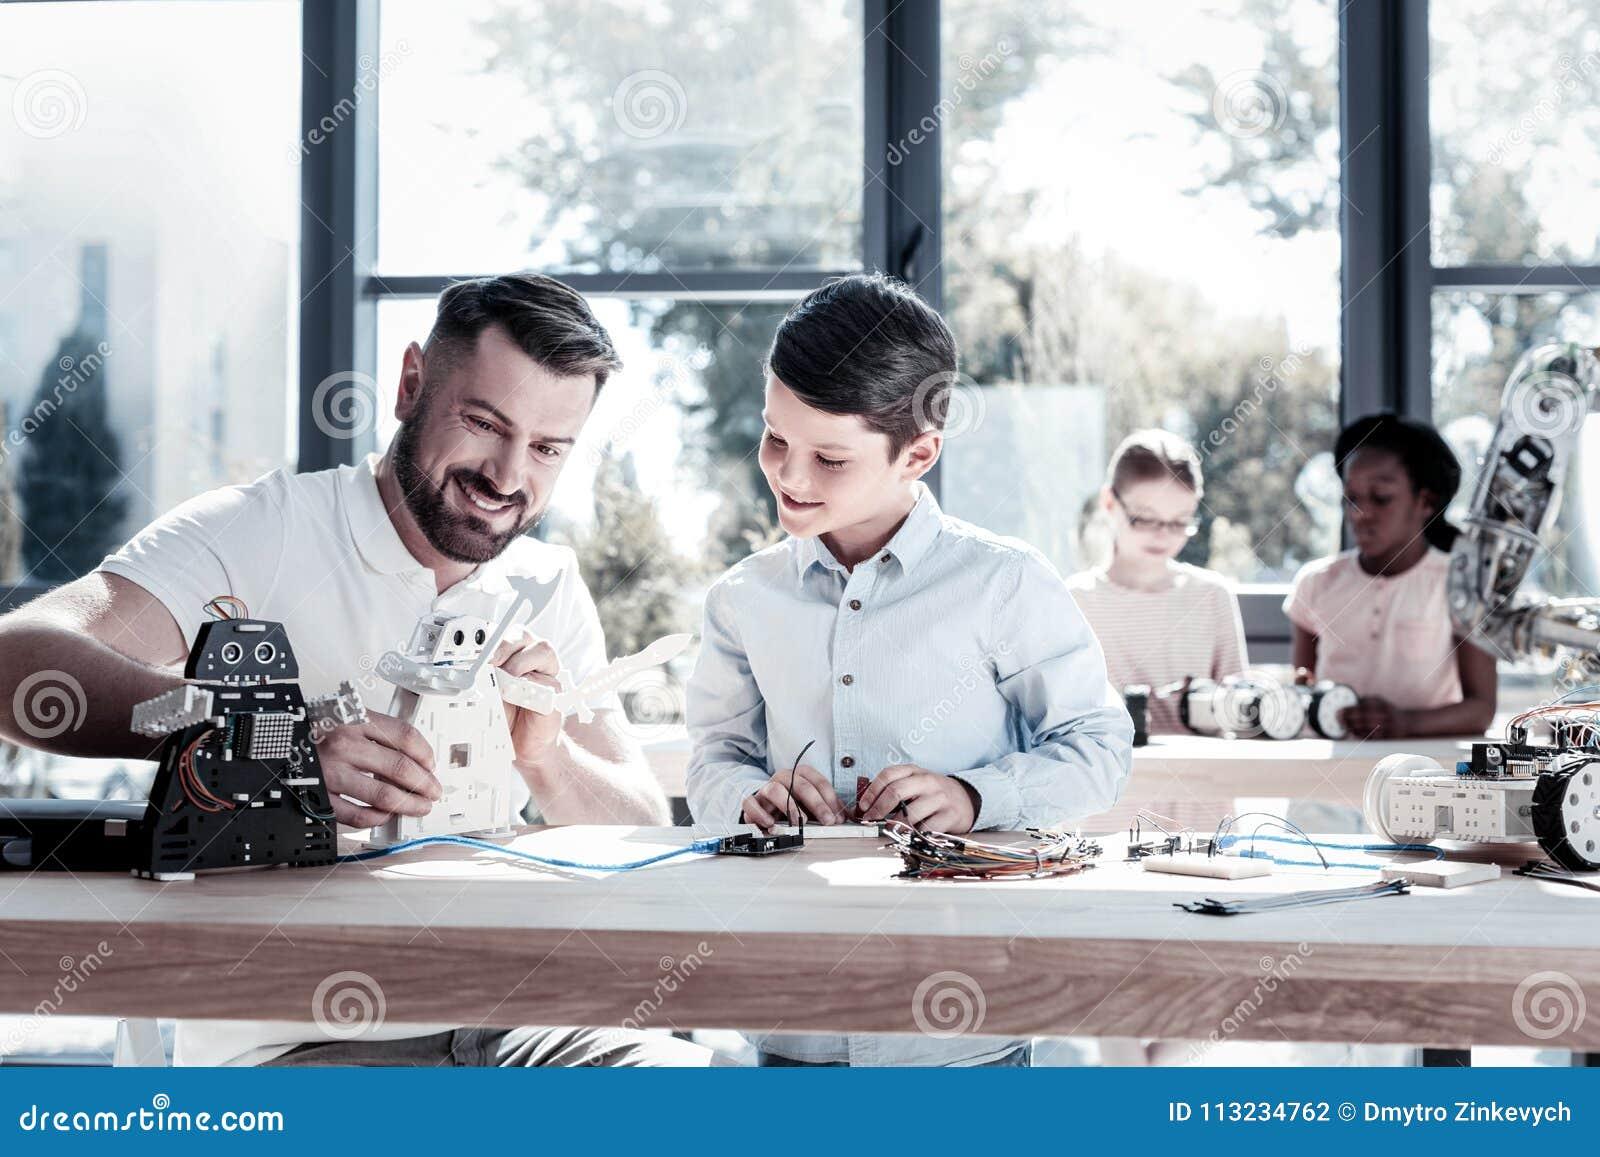 Professeur joyeux et étudiant souriant tout en travaillant à la machine robotique